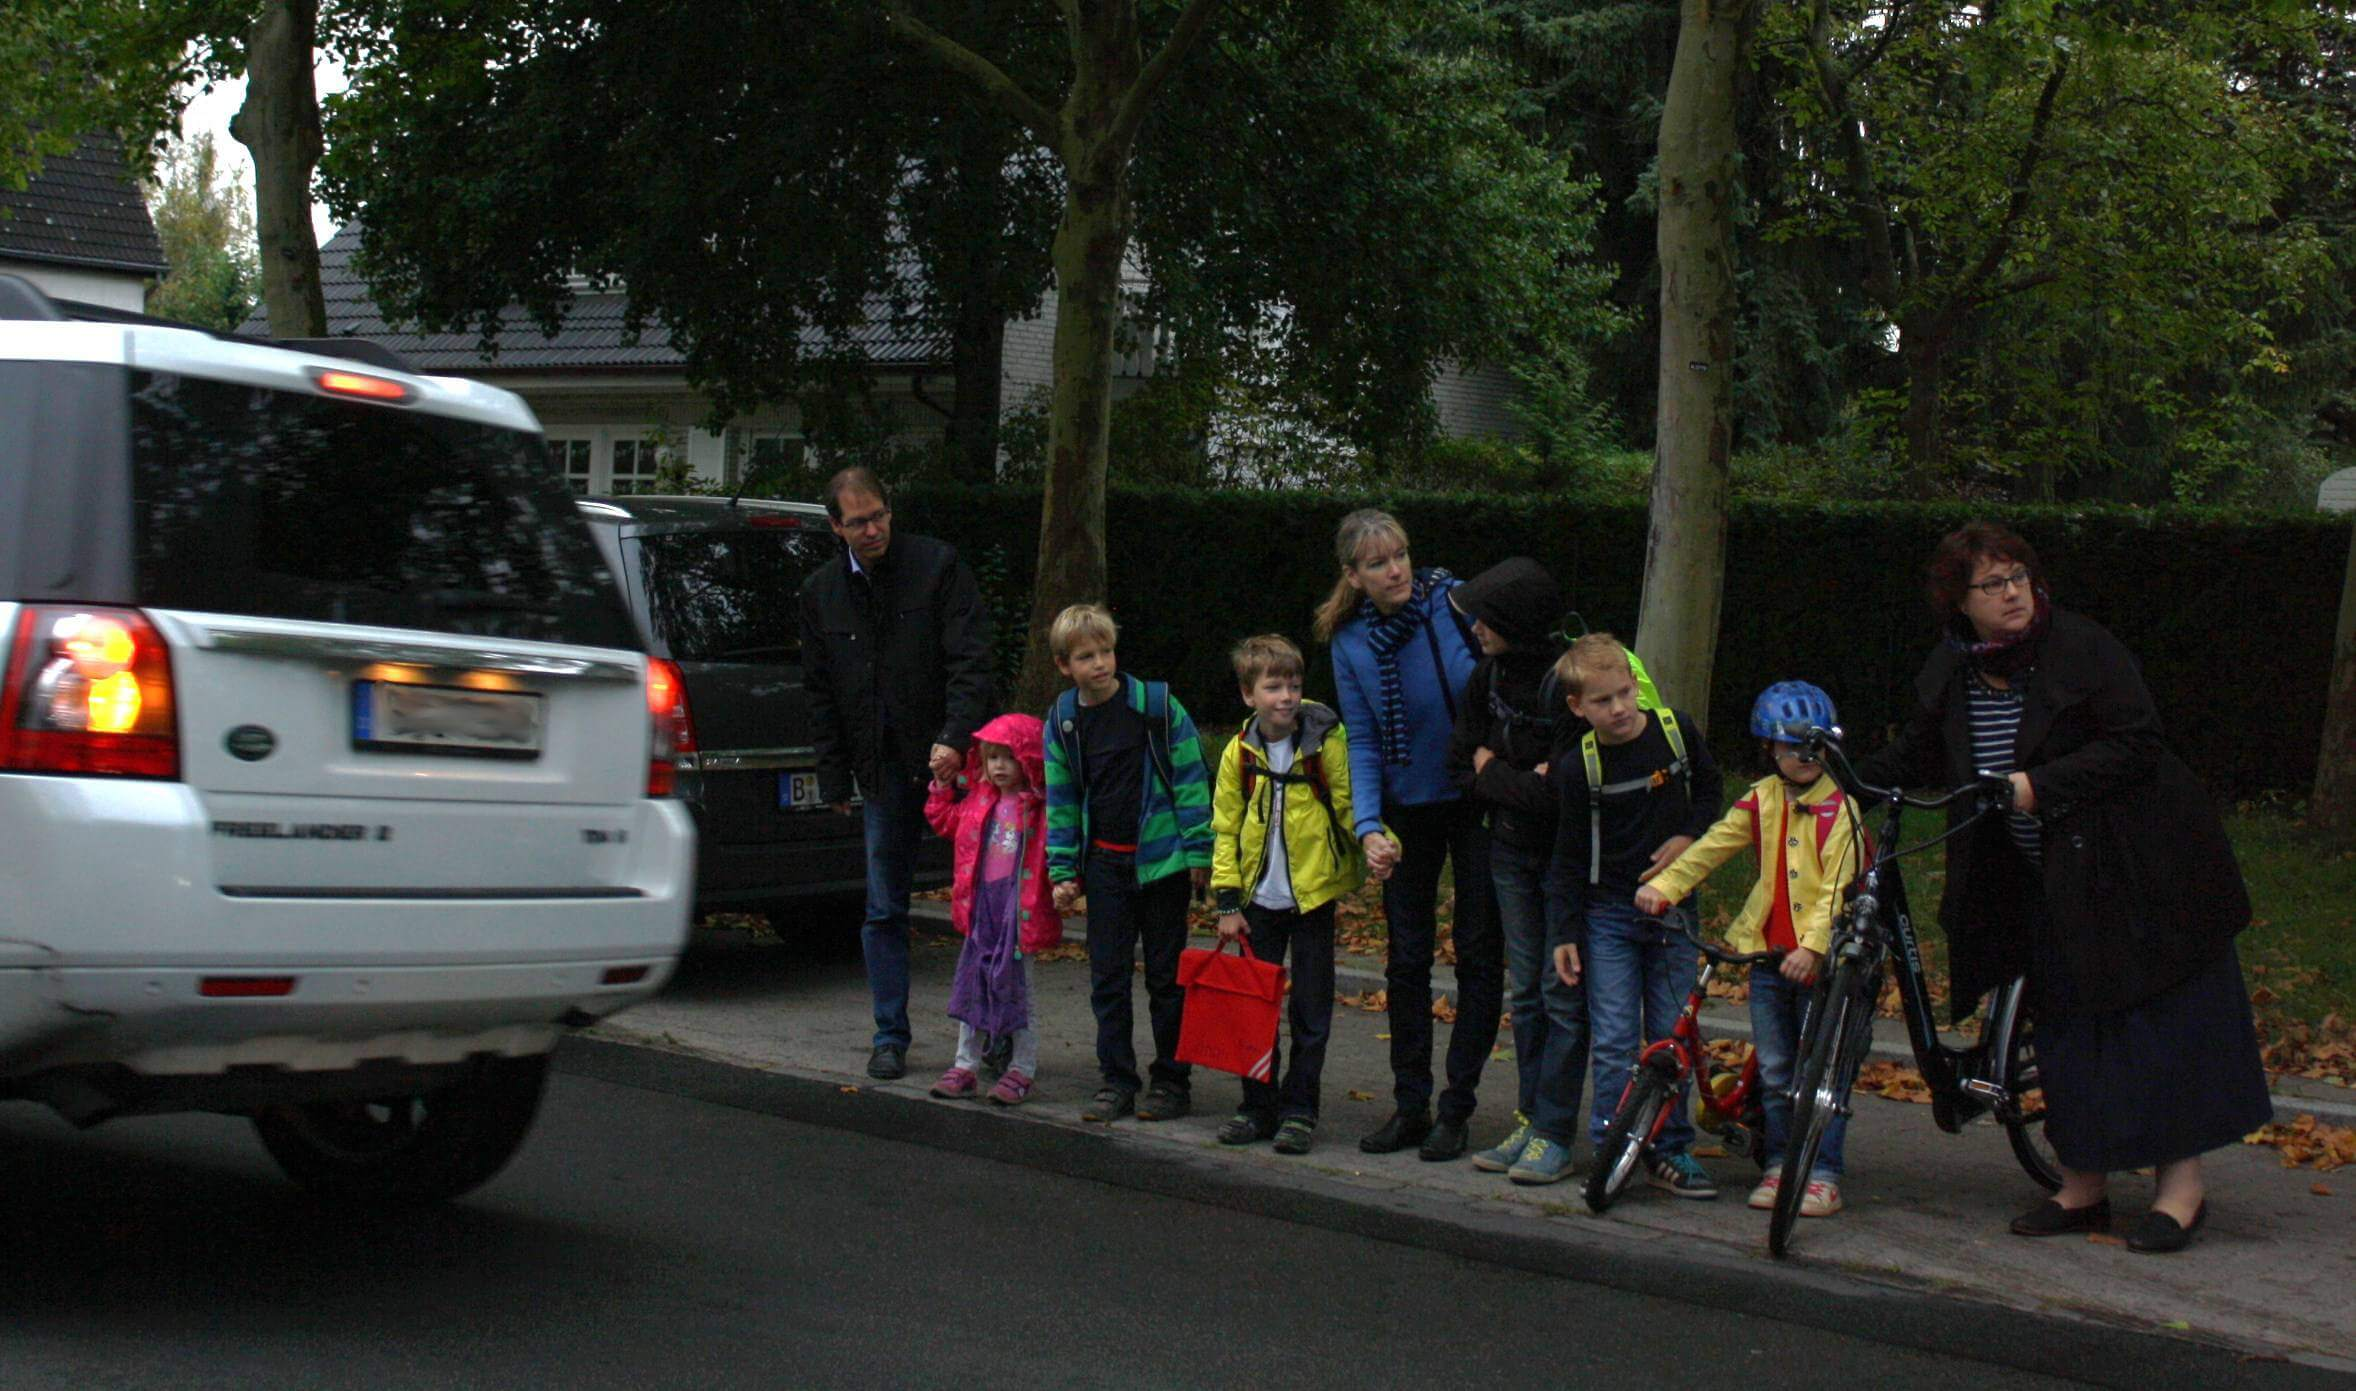 Suchen nach der Lücke. Im morgendlichen Verkehr ist es für Eltern und Kinder nicht leicht, den Osteweg zu überqueren. Foto: Gogol